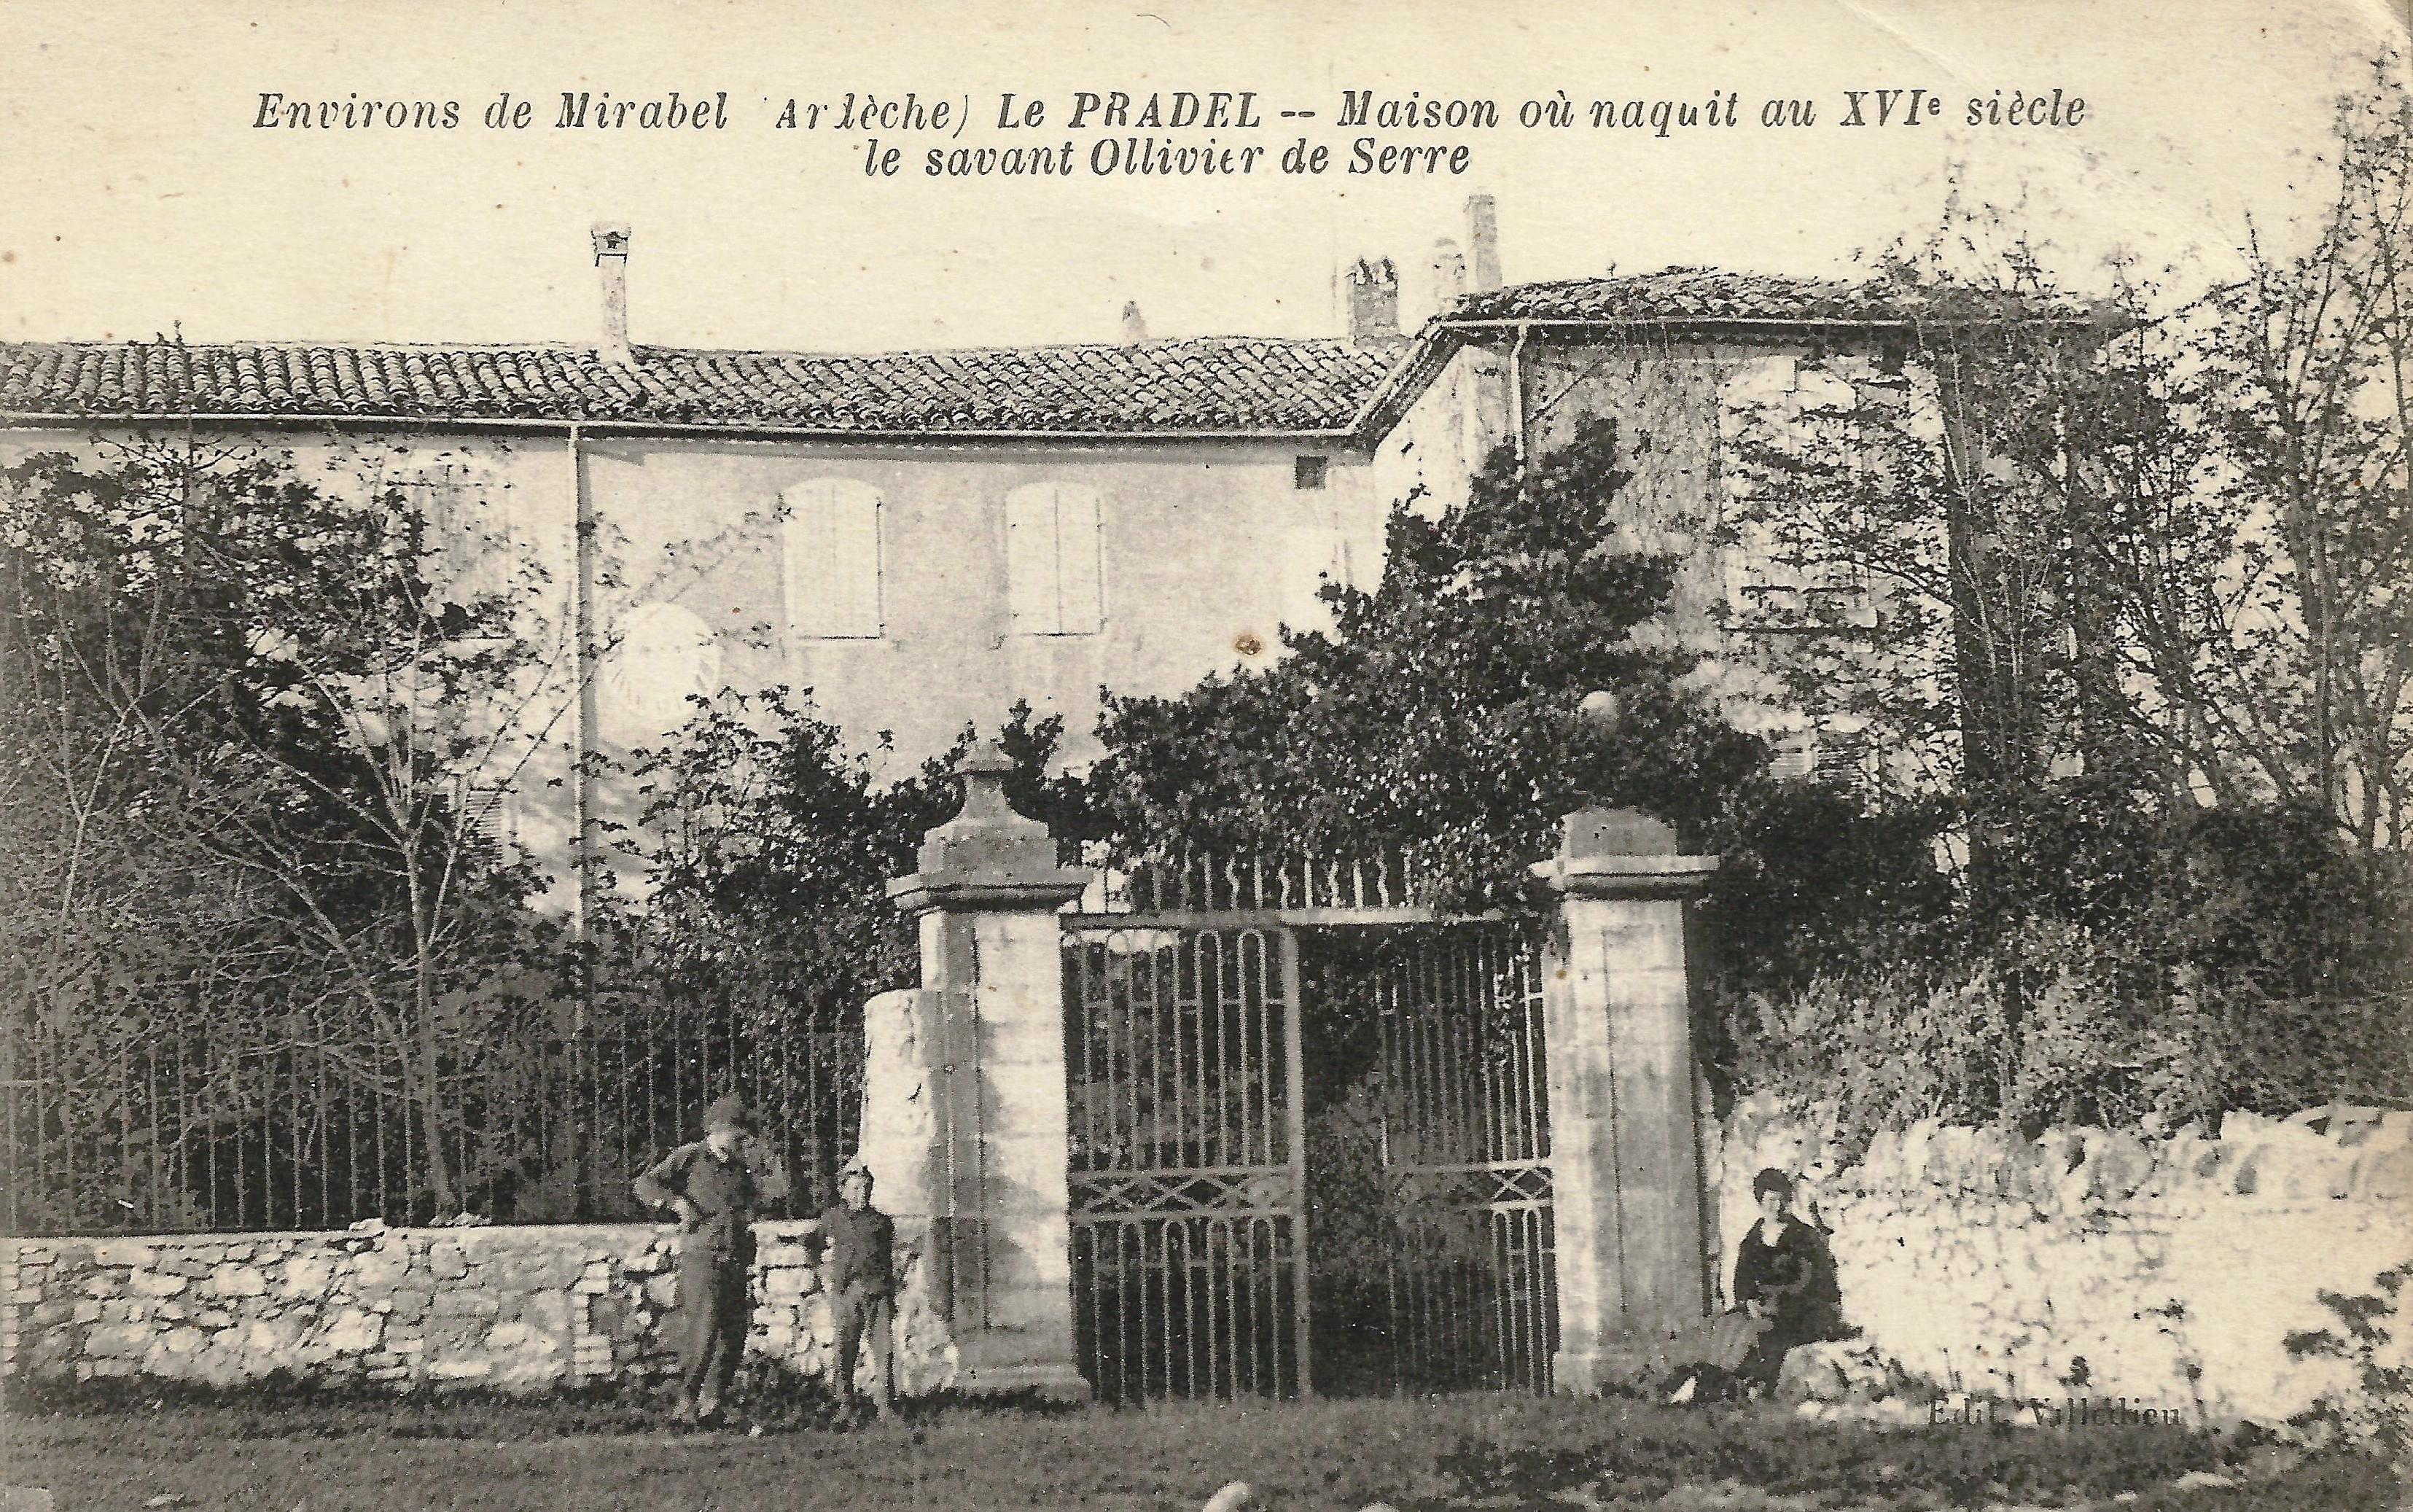 Cour d'honneur de la bastide